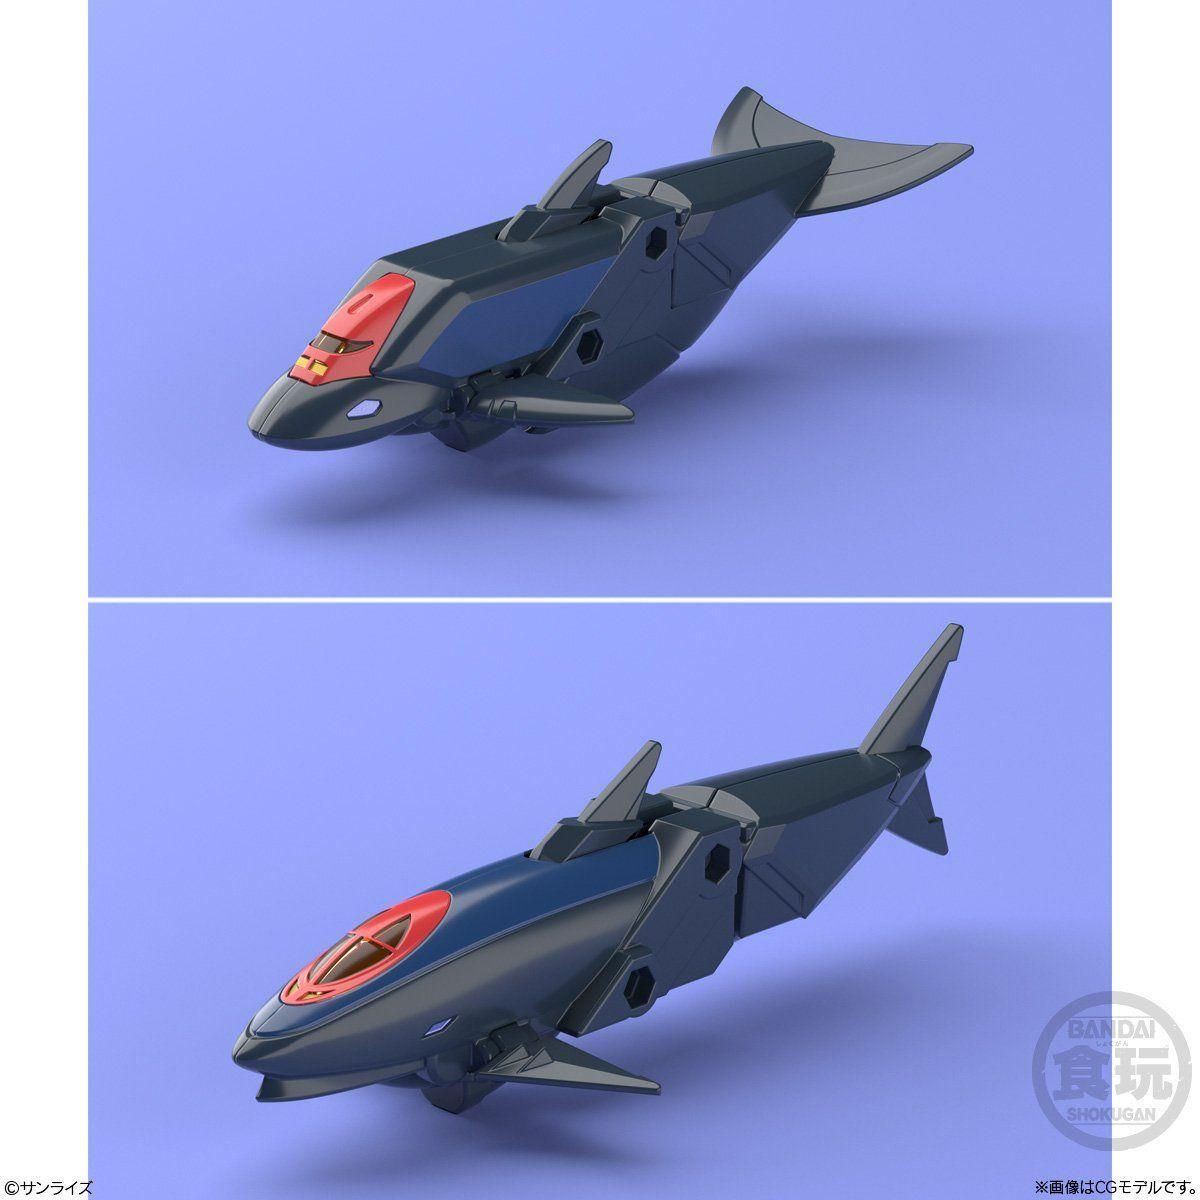 【食玩】スーパーミニプラ『勇者王ガオガイガー6』ジェネシックガオガイガー プラモデル 4個入りBOX-004